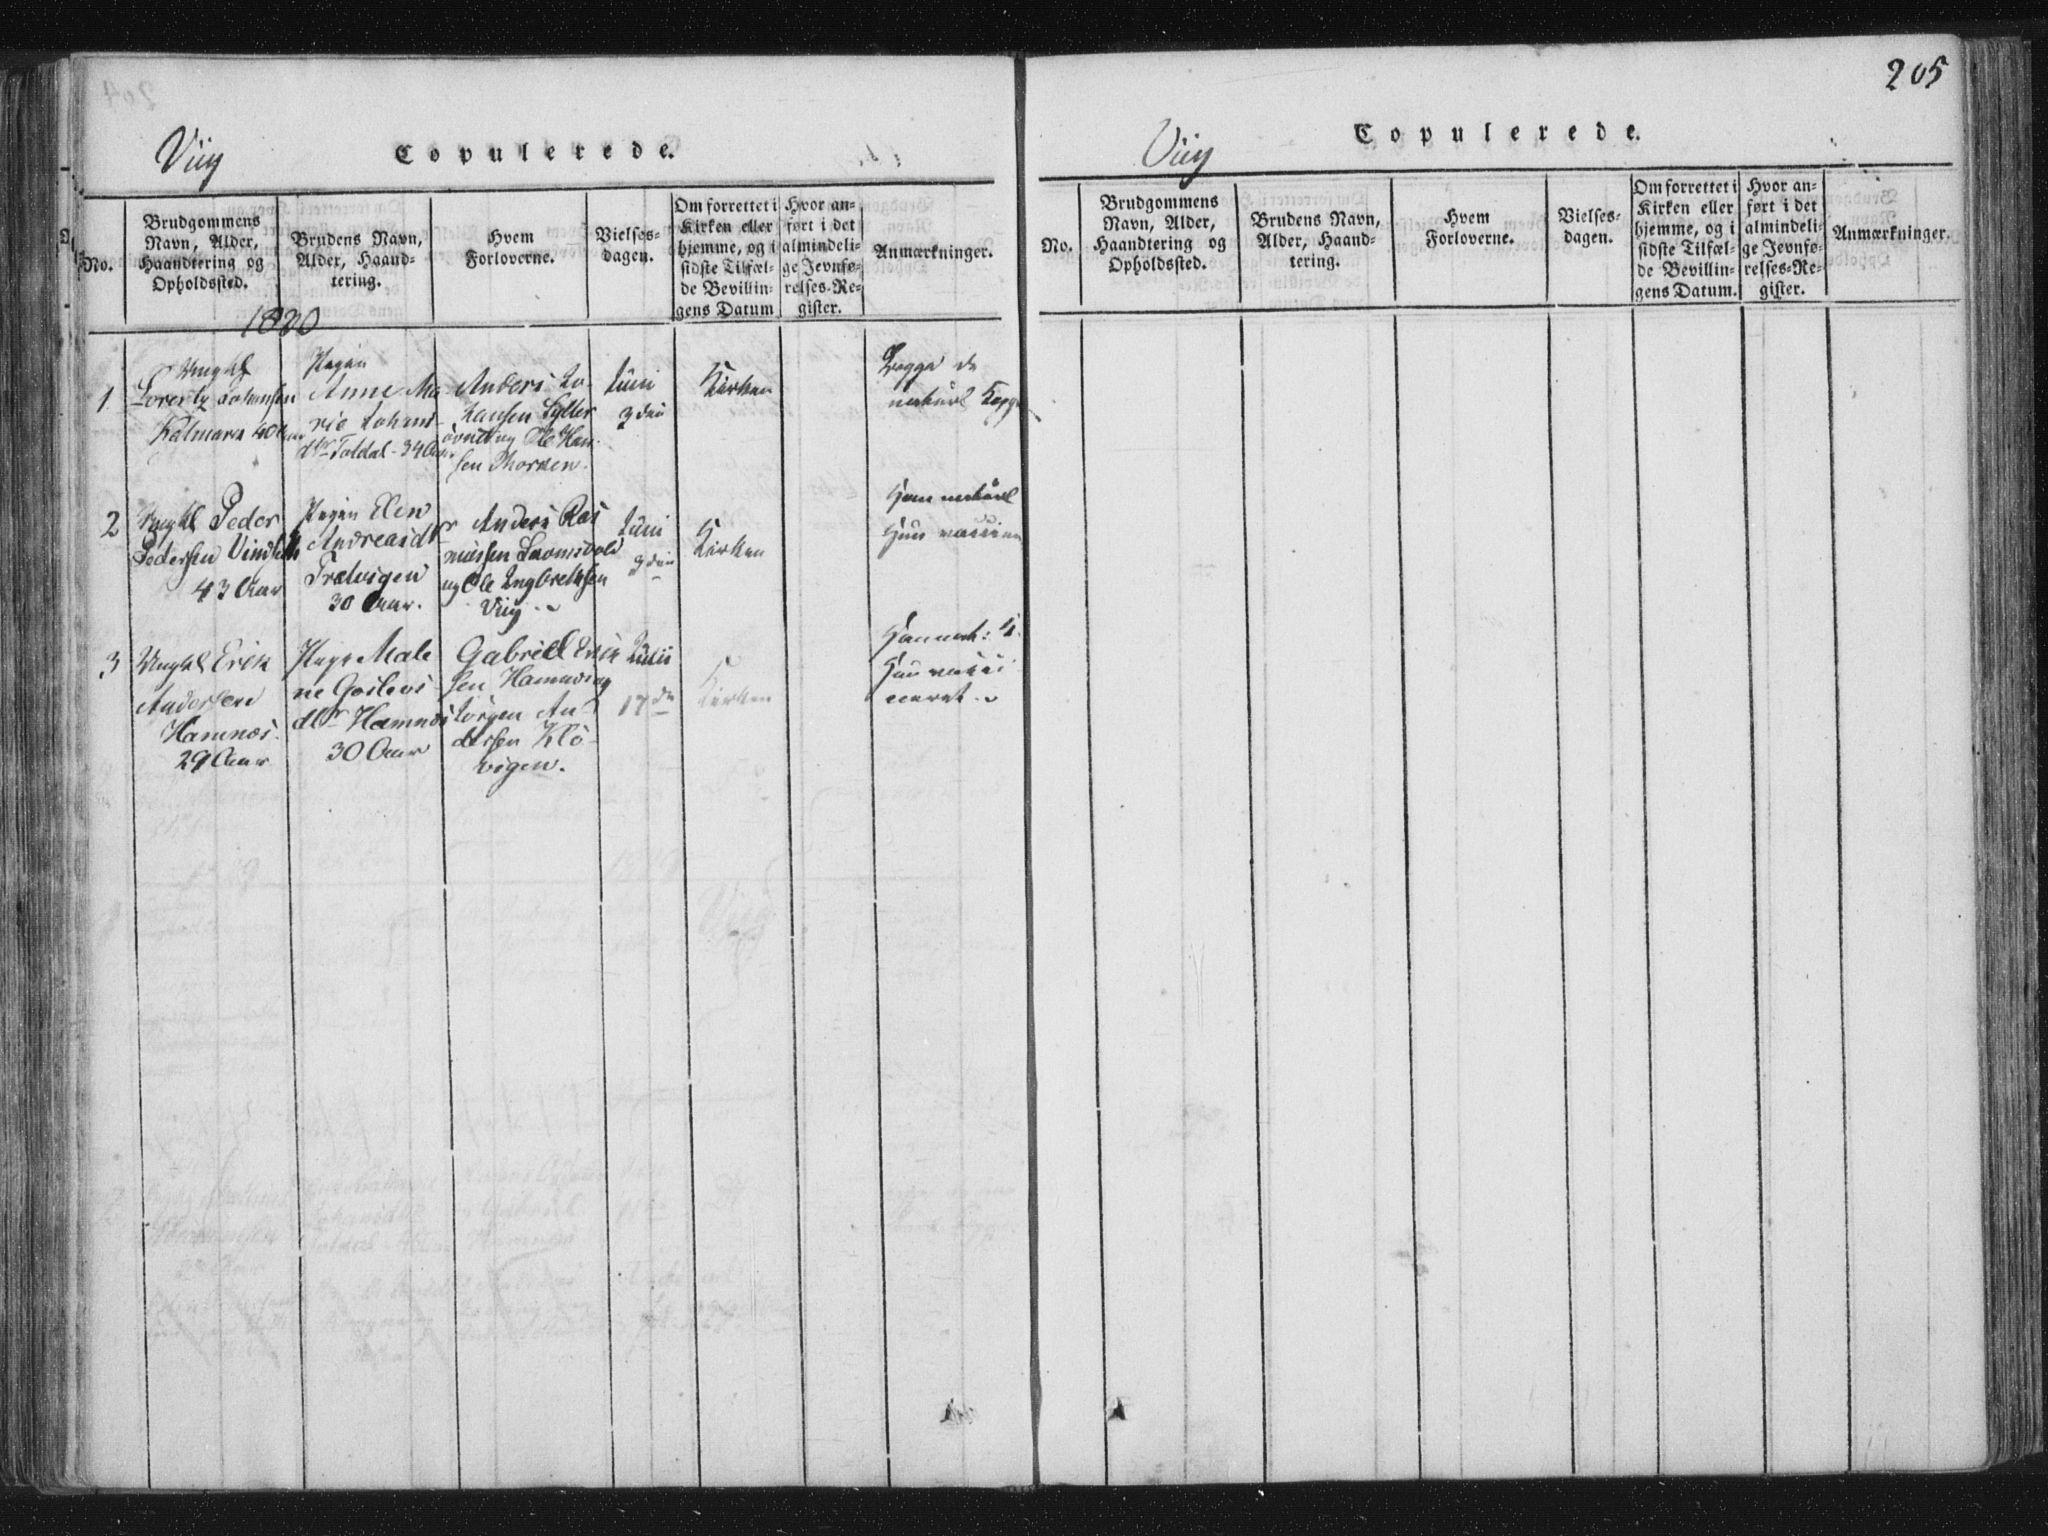 SAT, Ministerialprotokoller, klokkerbøker og fødselsregistre - Nord-Trøndelag, 773/L0609: Ministerialbok nr. 773A03 /2, 1815-1830, s. 205